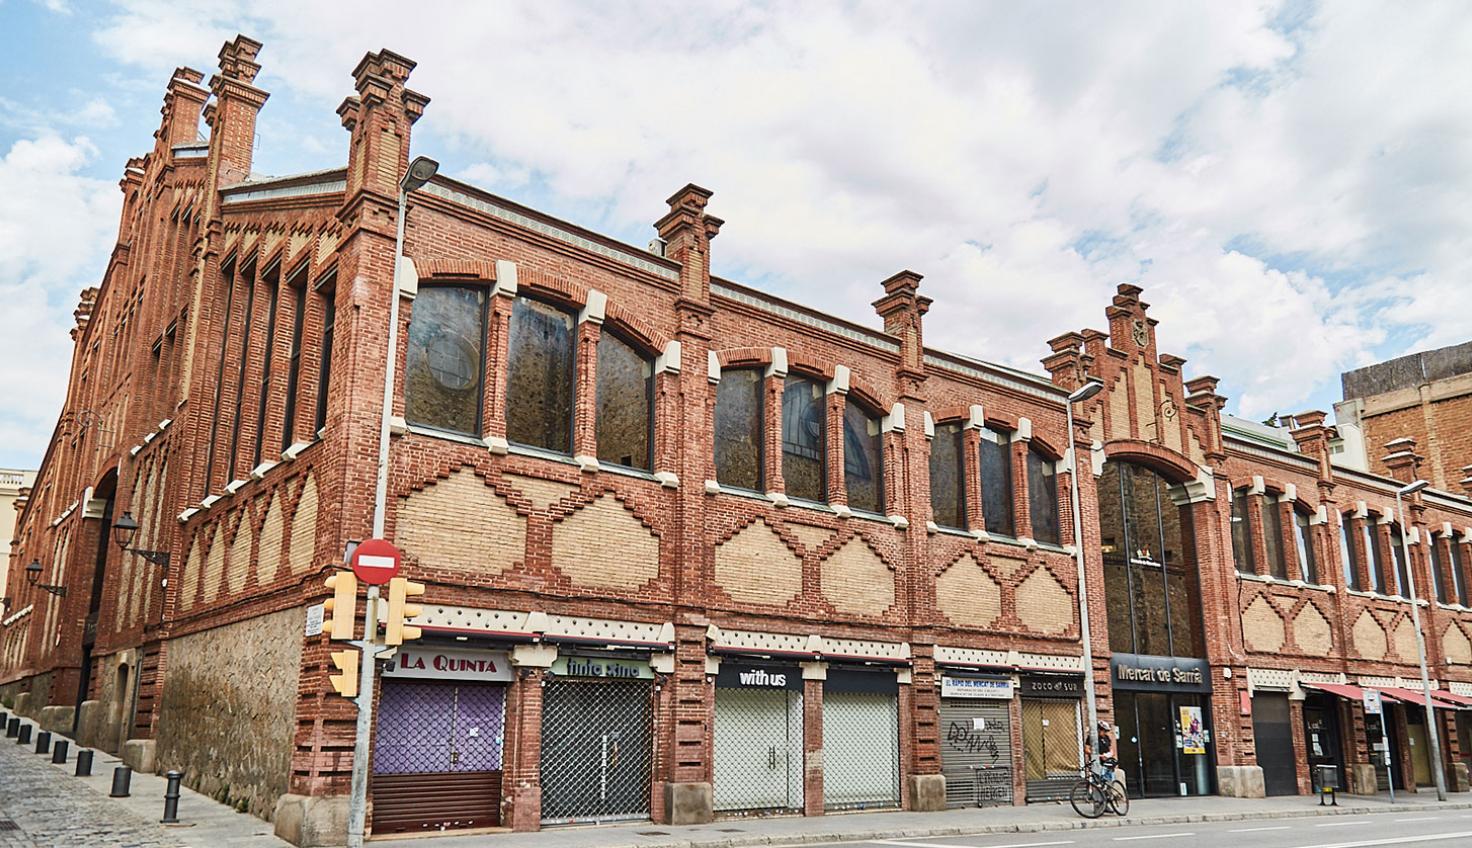 Markthalle Sarrià - Marcel·lí Coquillat fotografie